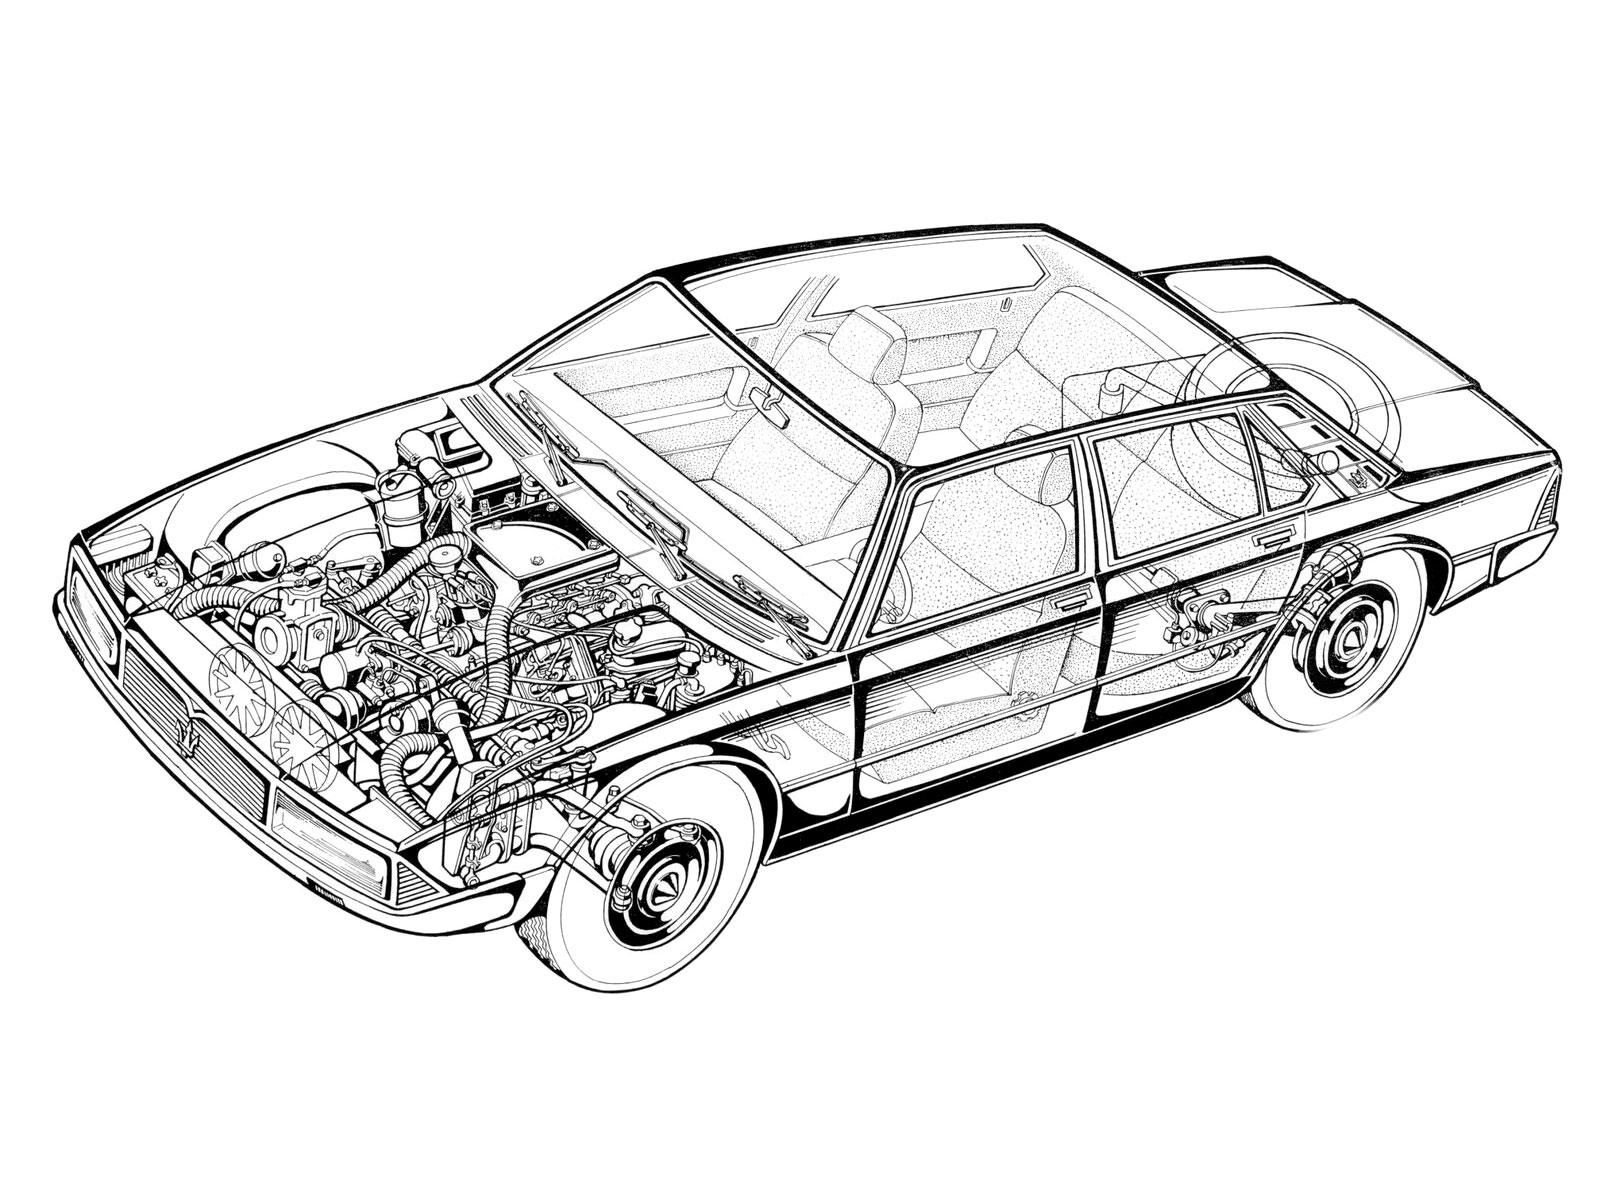 Maserati Quattroporte cutaway drawing